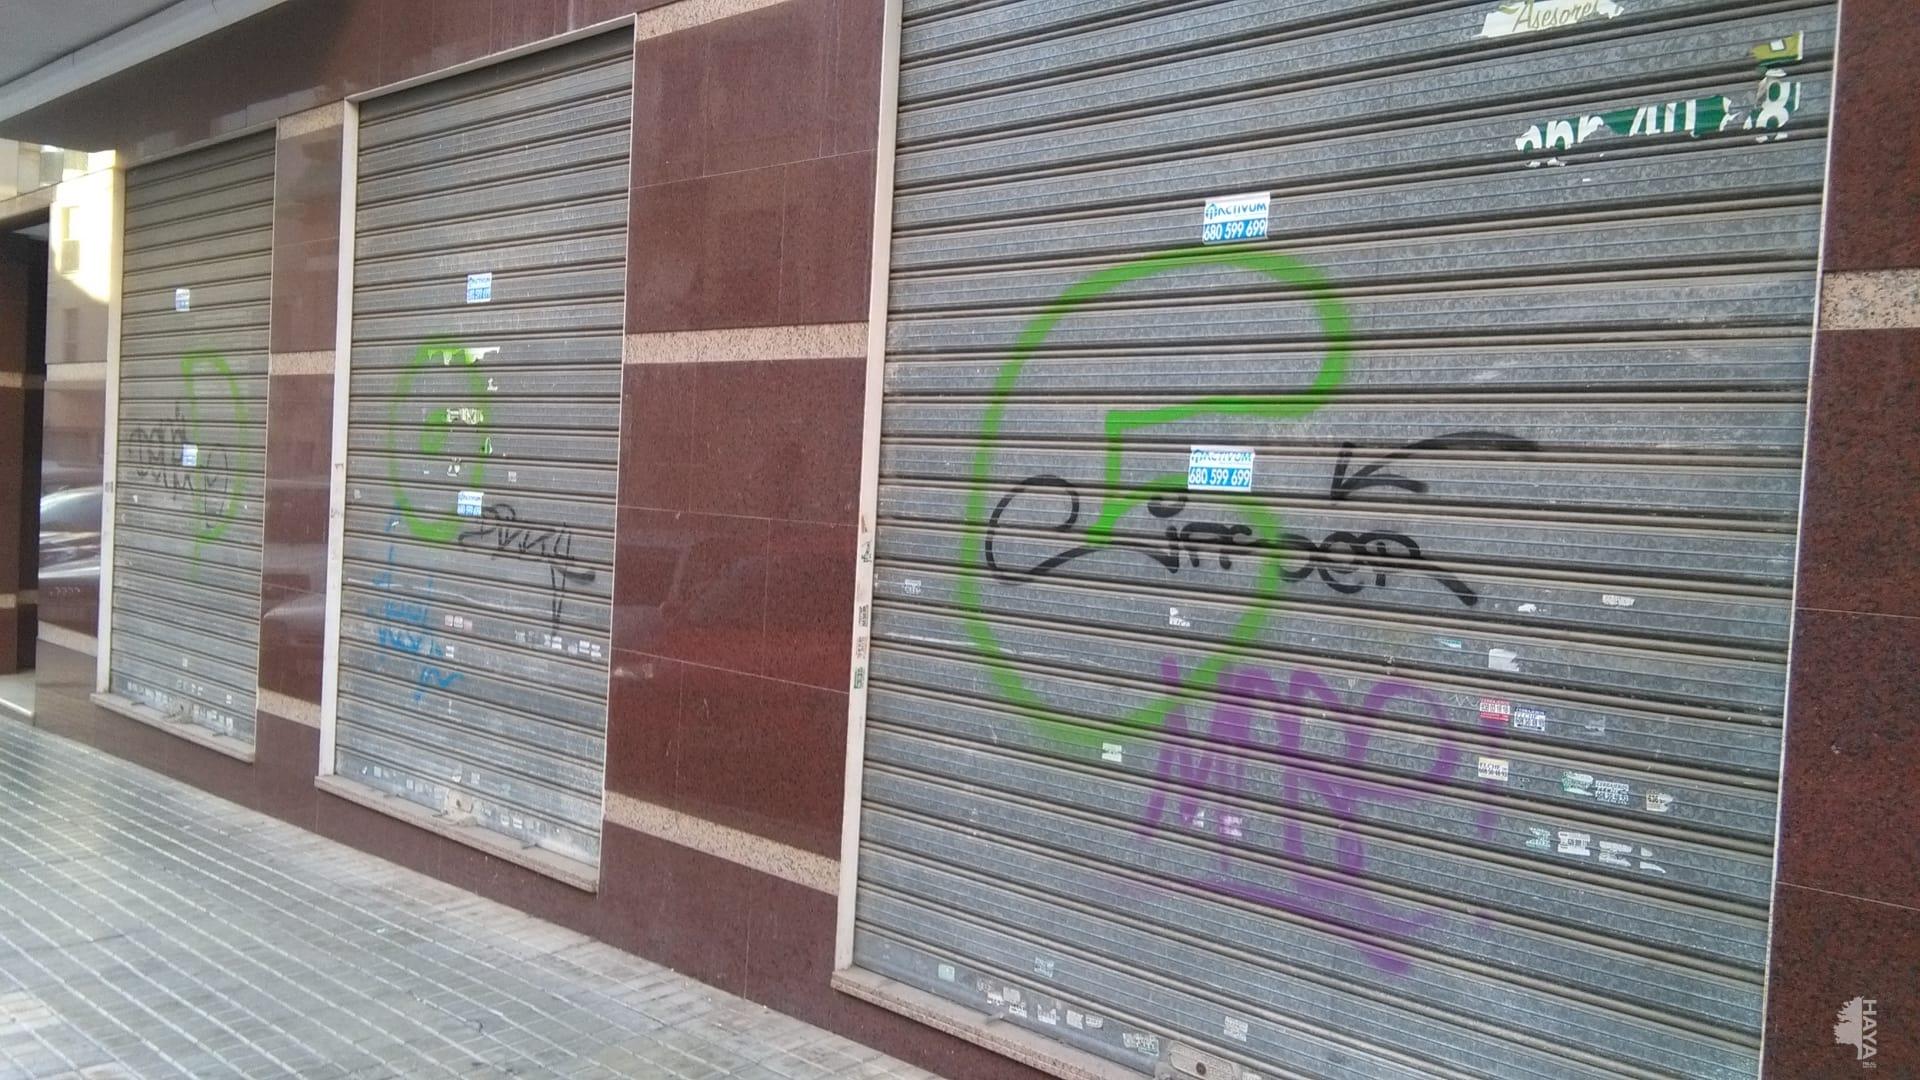 Local en venta en El Pla de Sant Josep, Elche/elx, Alicante, Calle Capita Gaspar Ortiz, 310.543 €, 314 m2